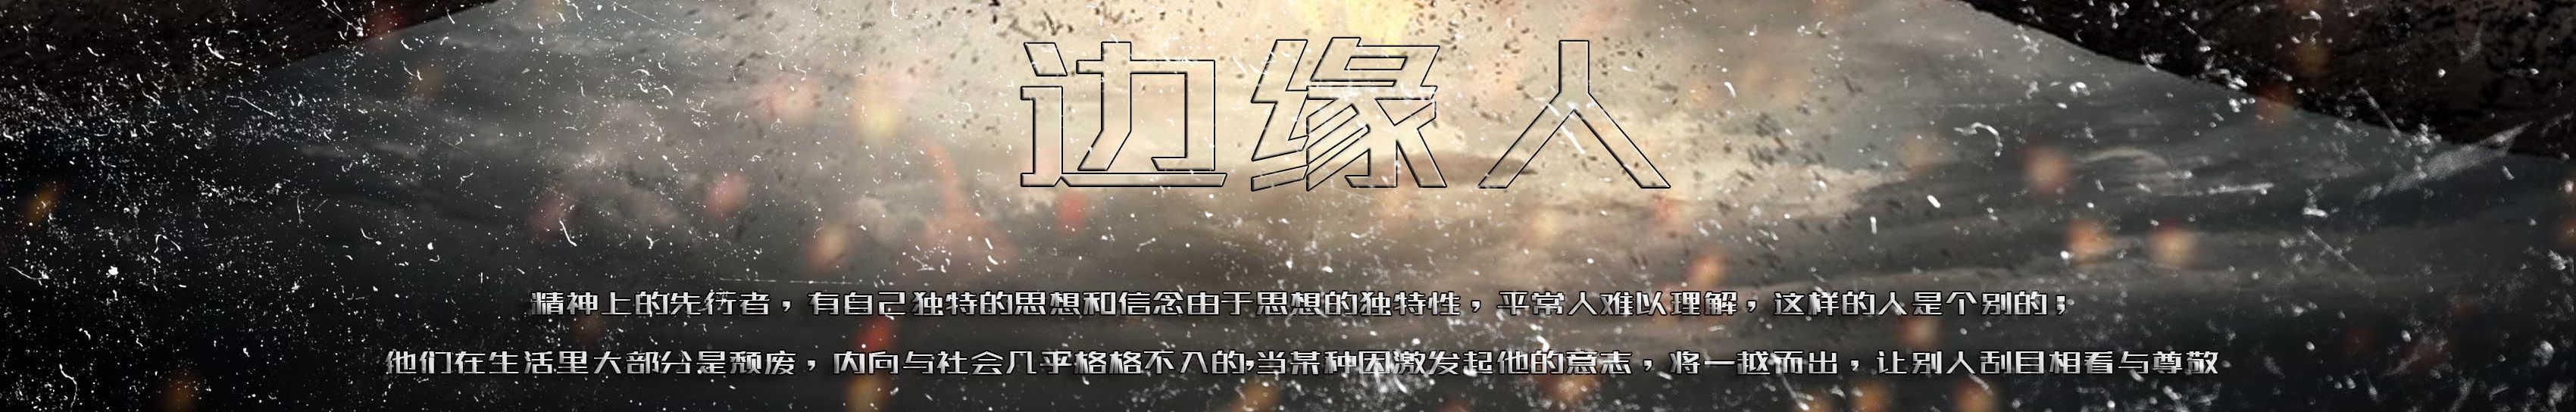 边缘人2017 banner